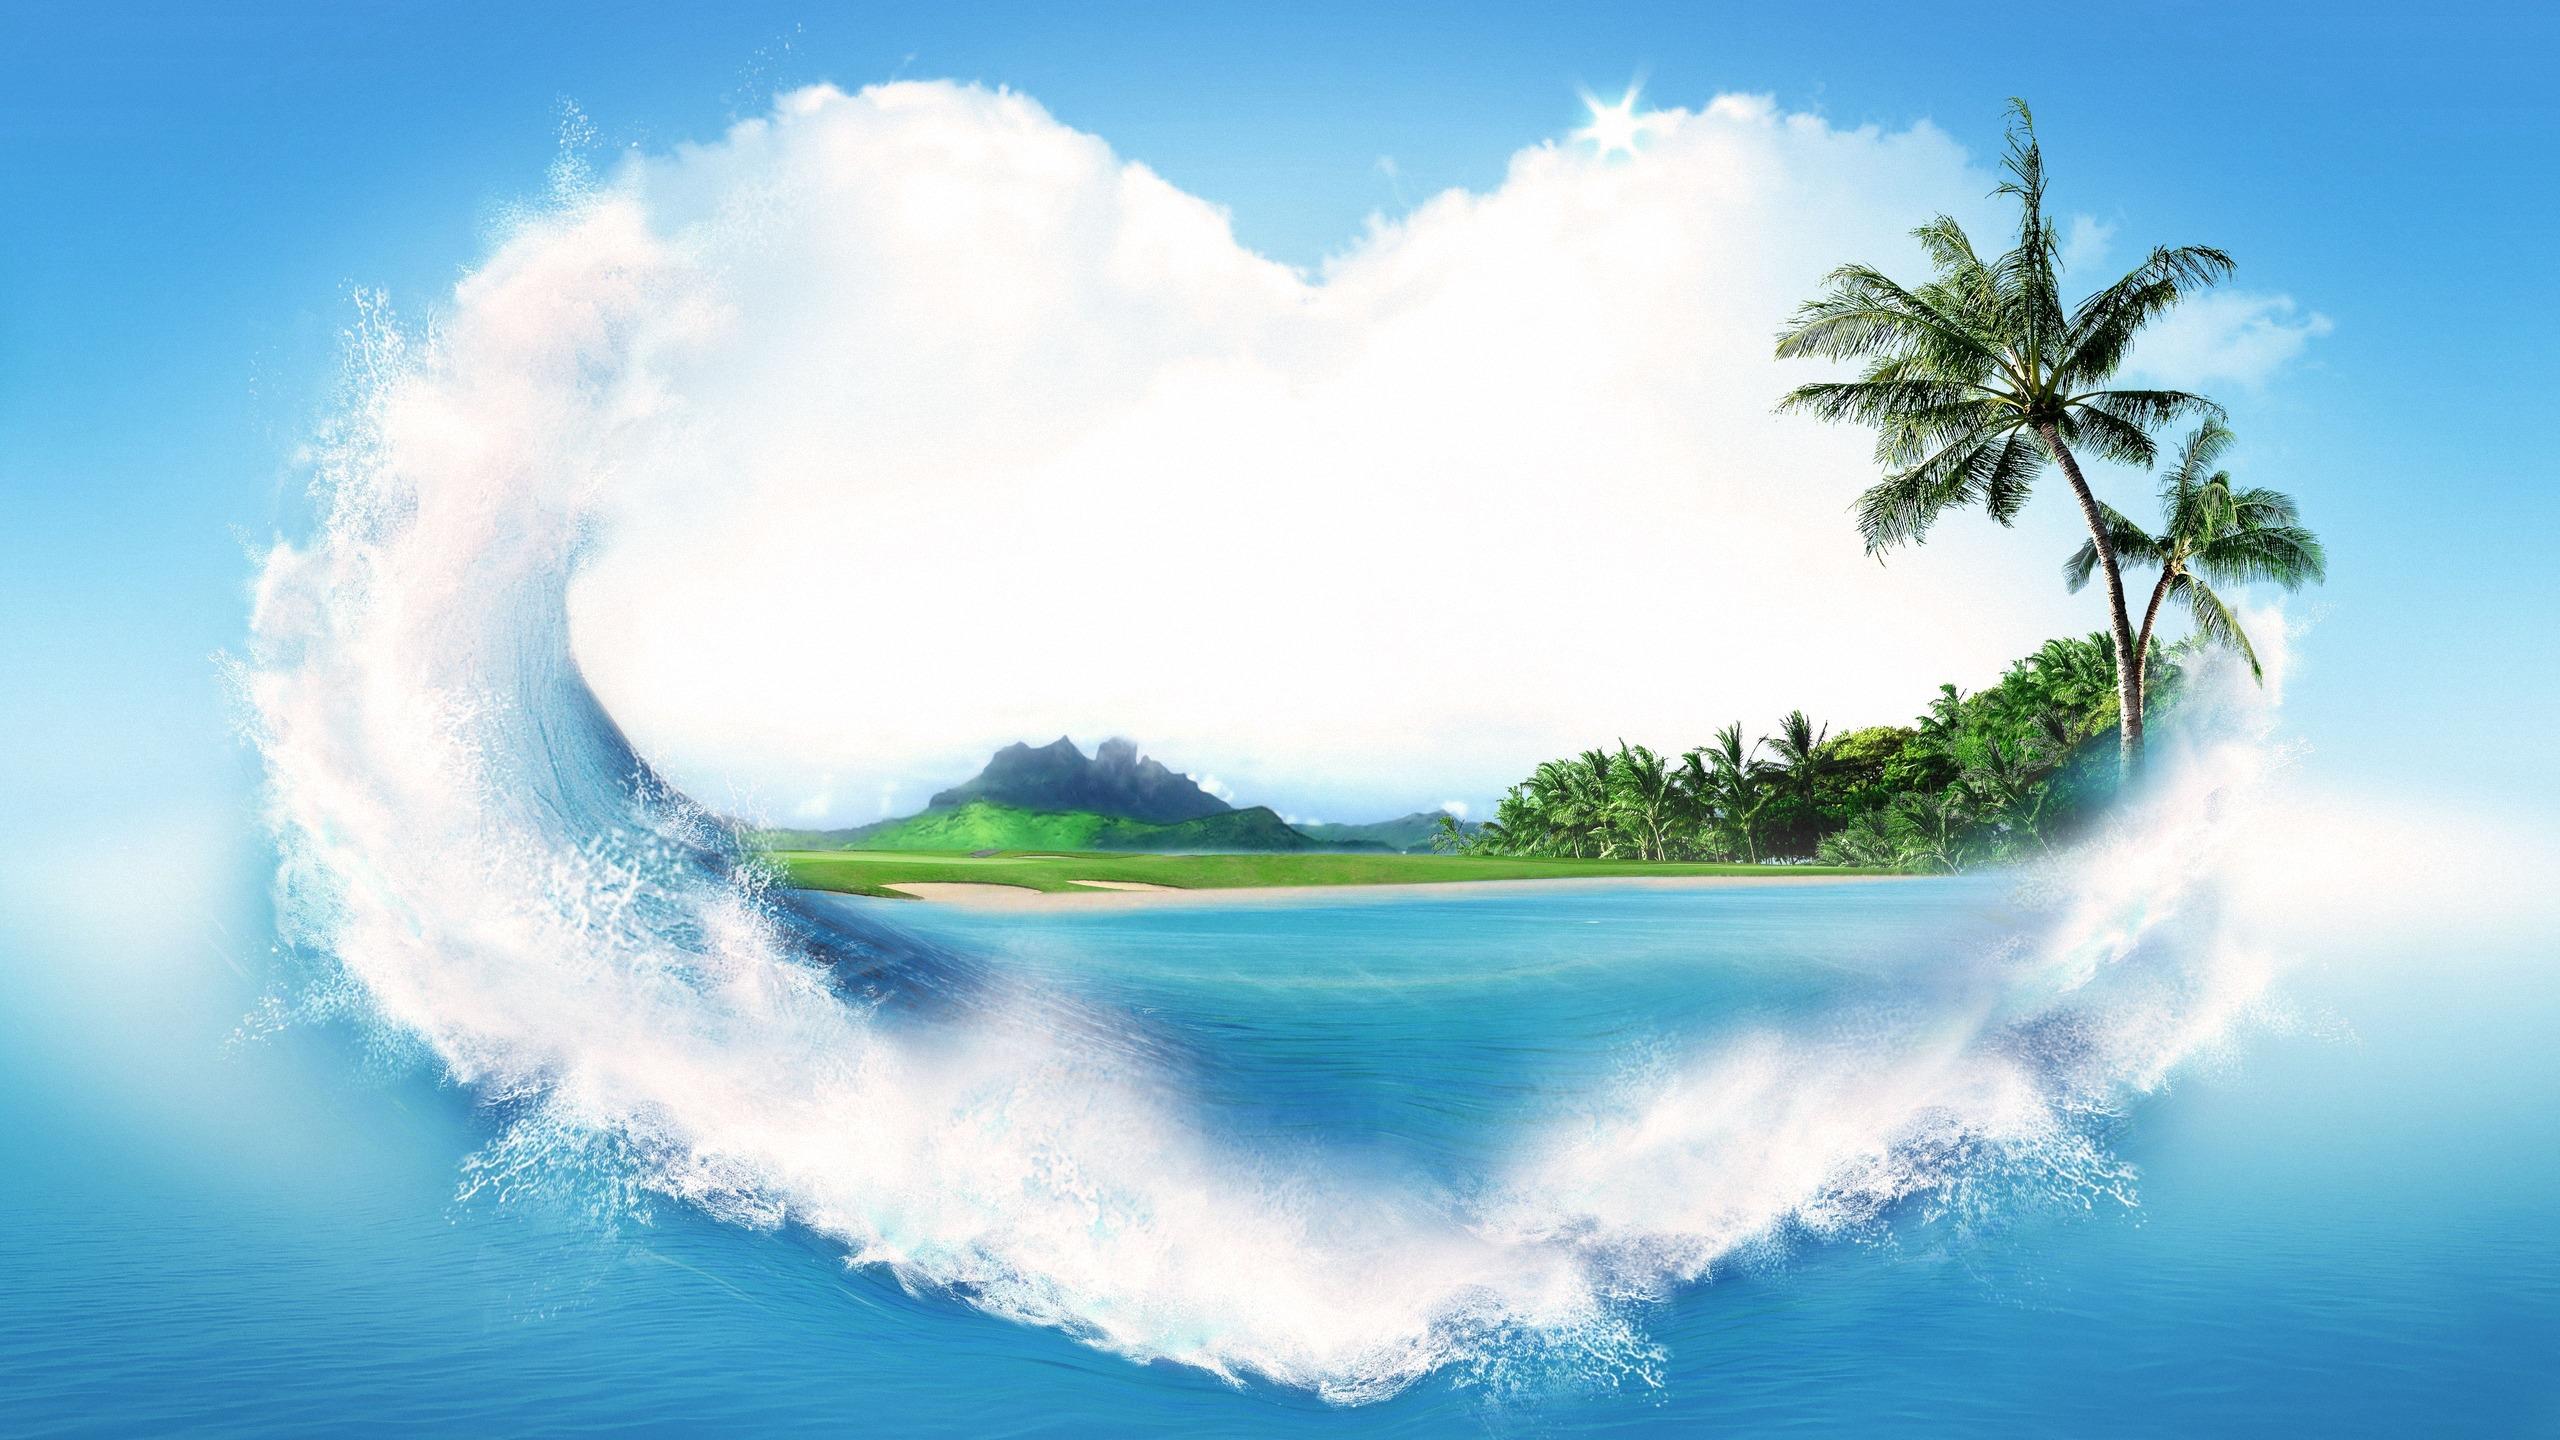 Картинка с надписью остров